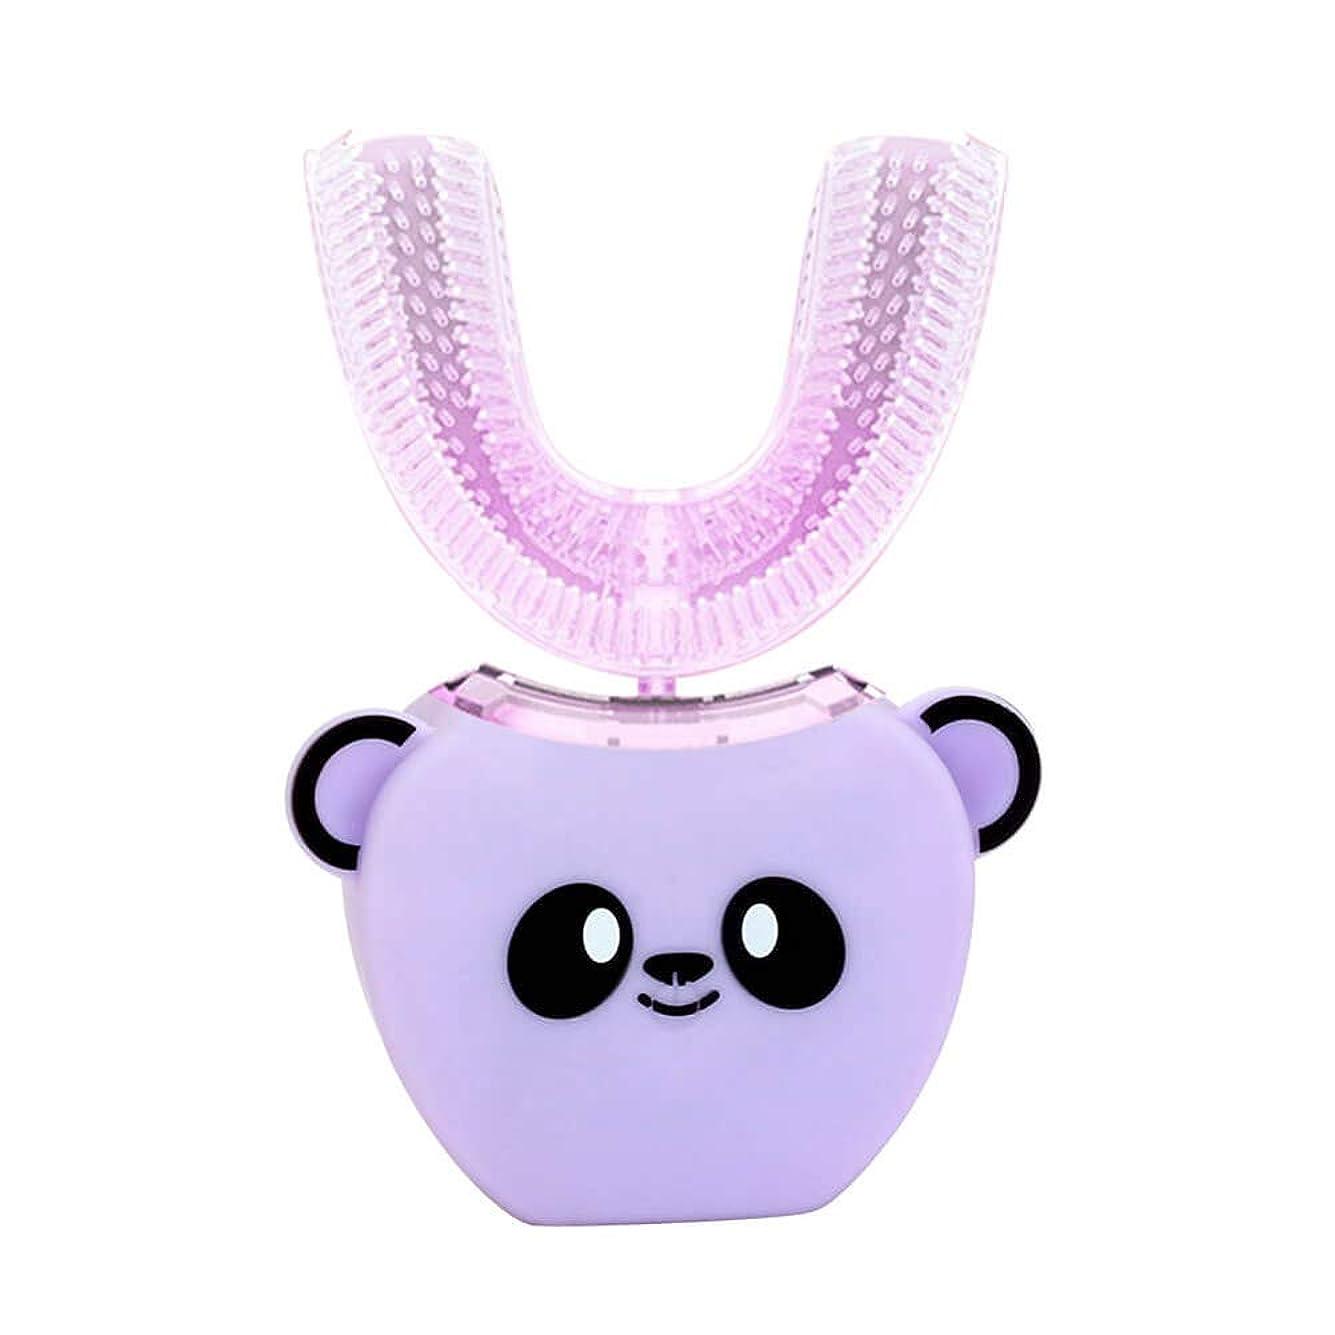 勢い弁護人民間電動歯ブラシ 360°超音波ホワイトニング IPX7防水自動マウスクリーナー子供のための 紫の